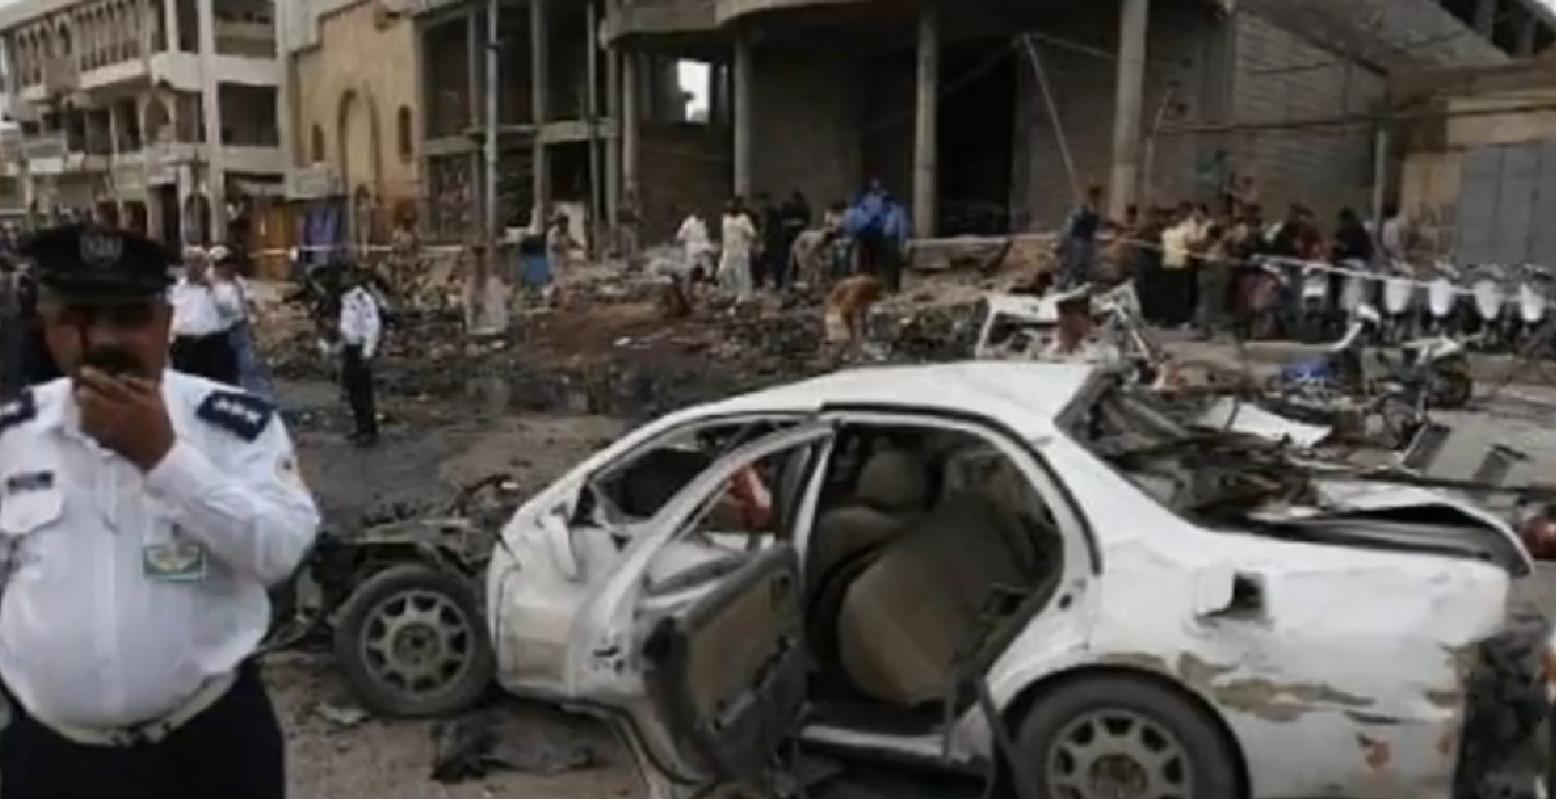 13 oameni au murit si alti 33 au fost raniti intr-o serie de atentate teroriste din Irak